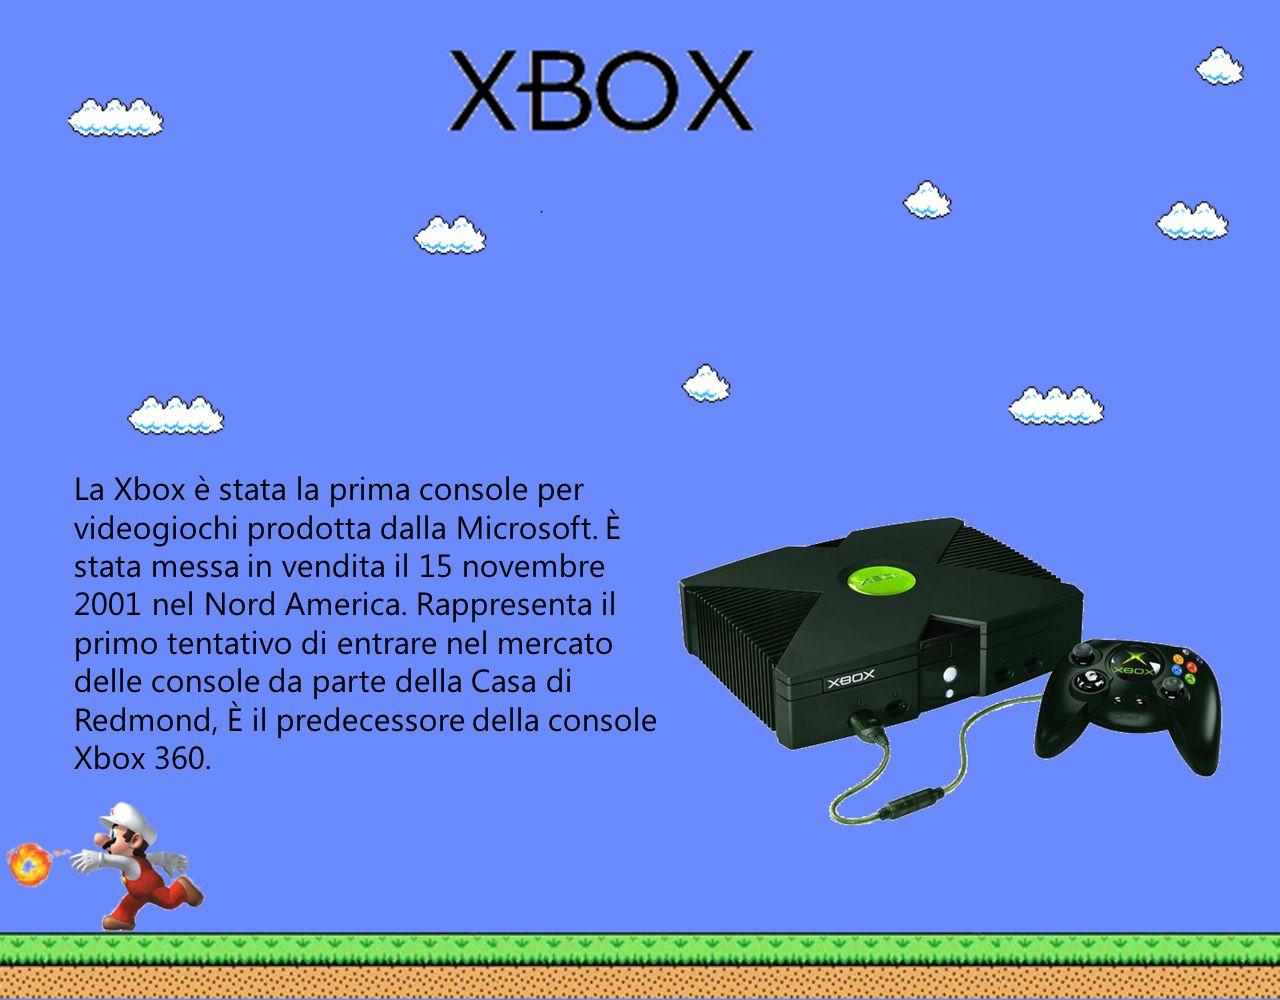 La Xbox è stata la prima console per videogiochi prodotta dalla Microsoft.